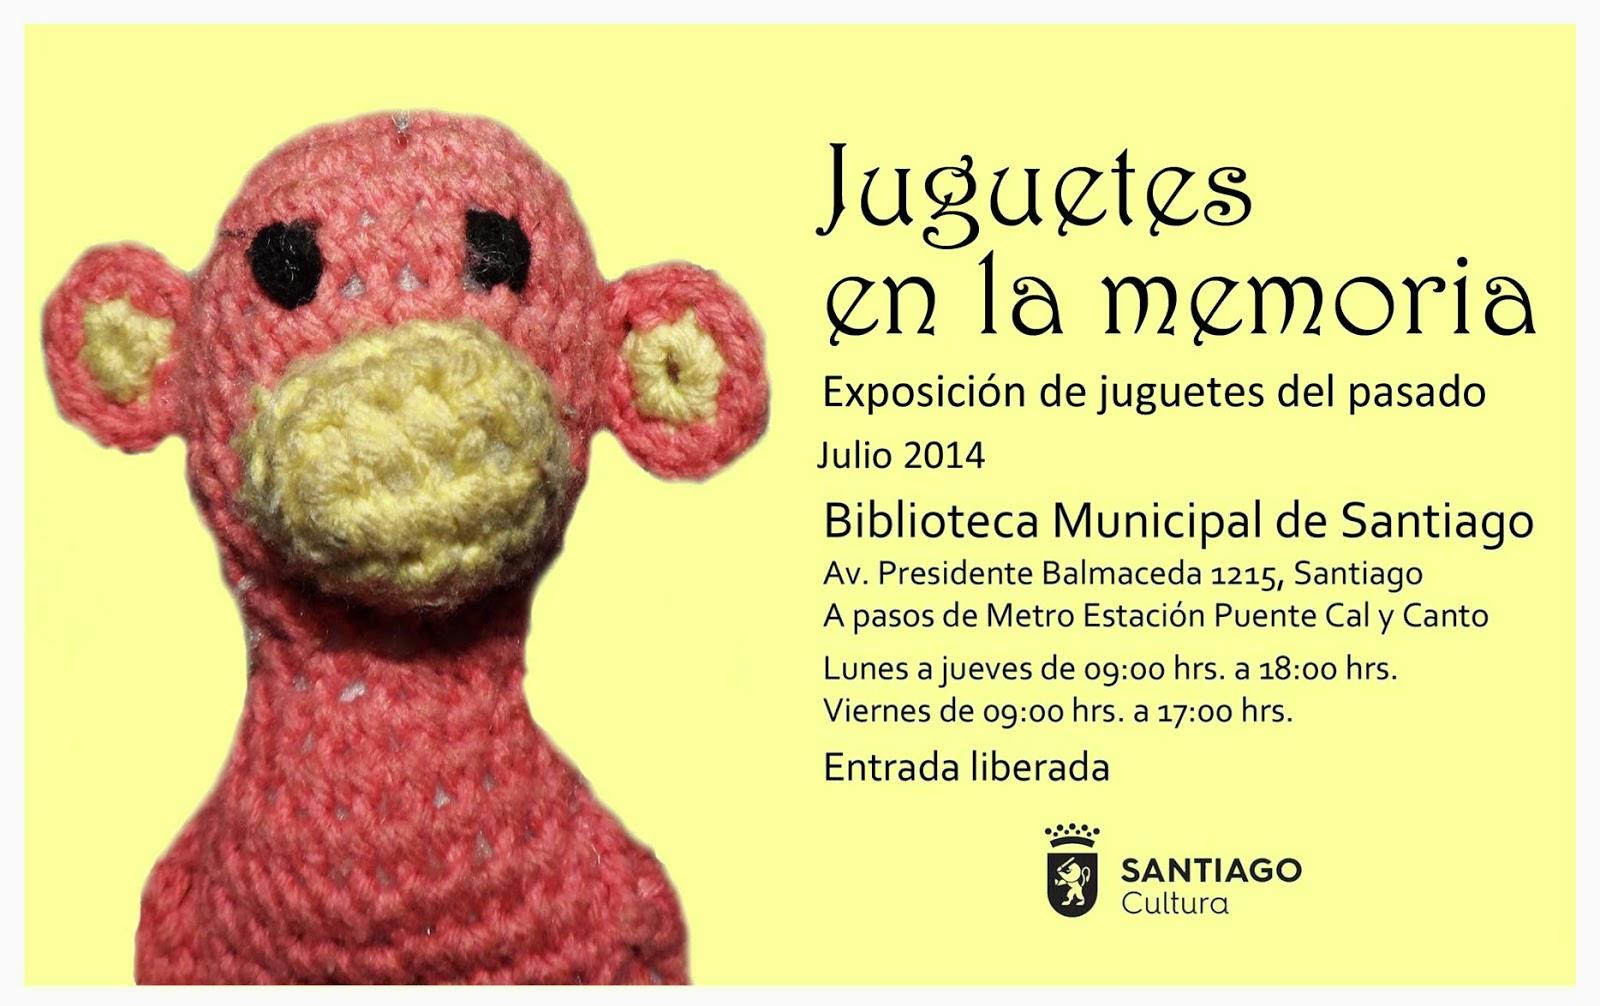 juguetes en santiago: